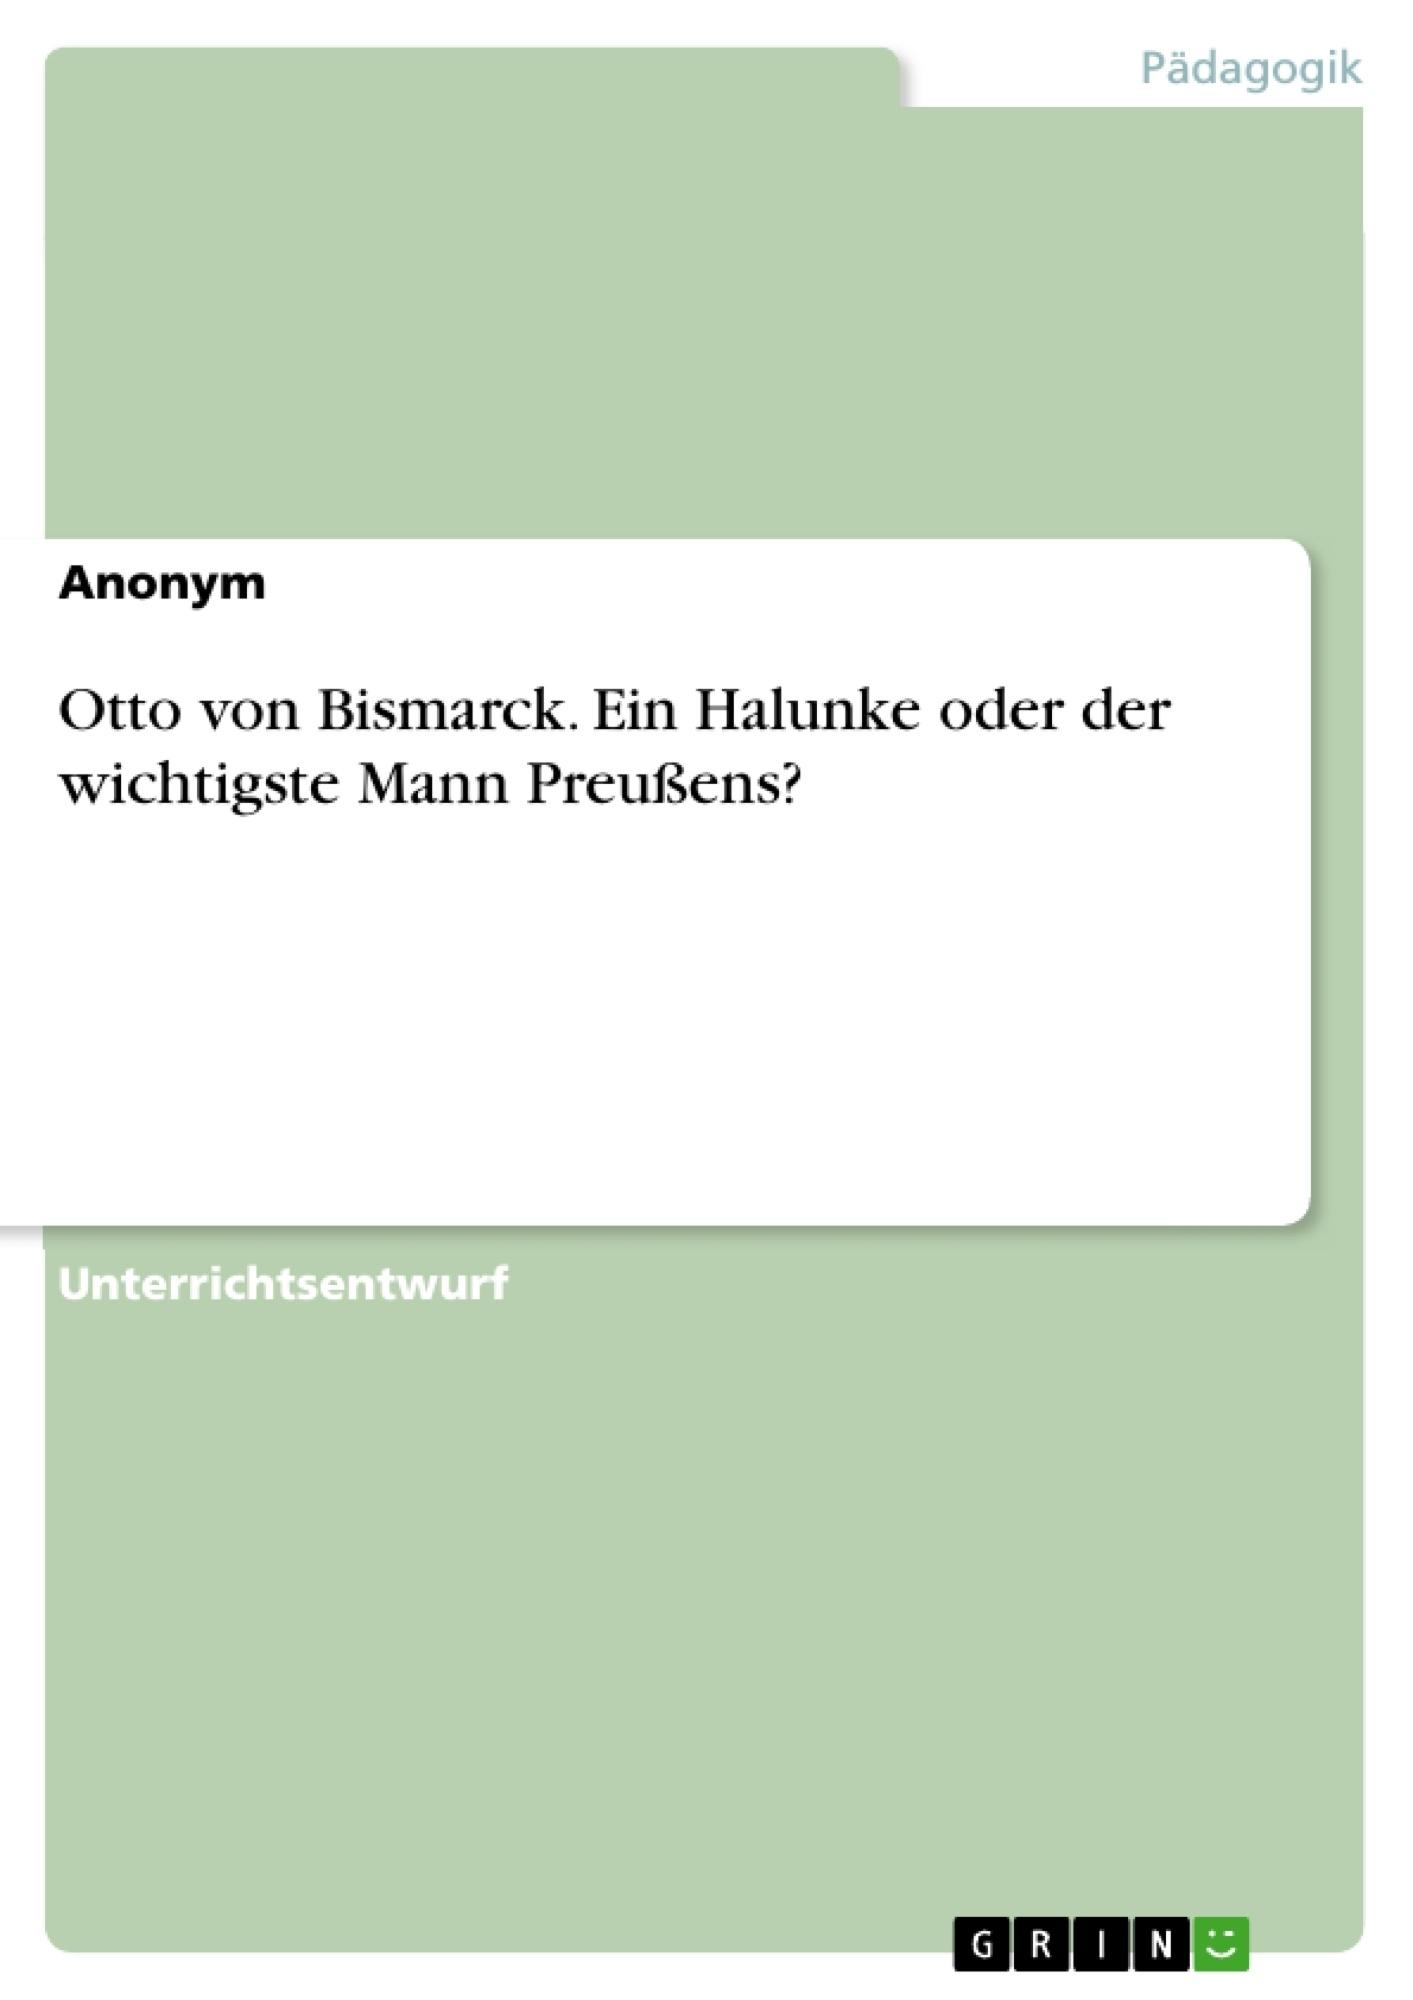 Titel: Otto von Bismarck. Ein Halunke oder der wichtigste Mann Preußens?